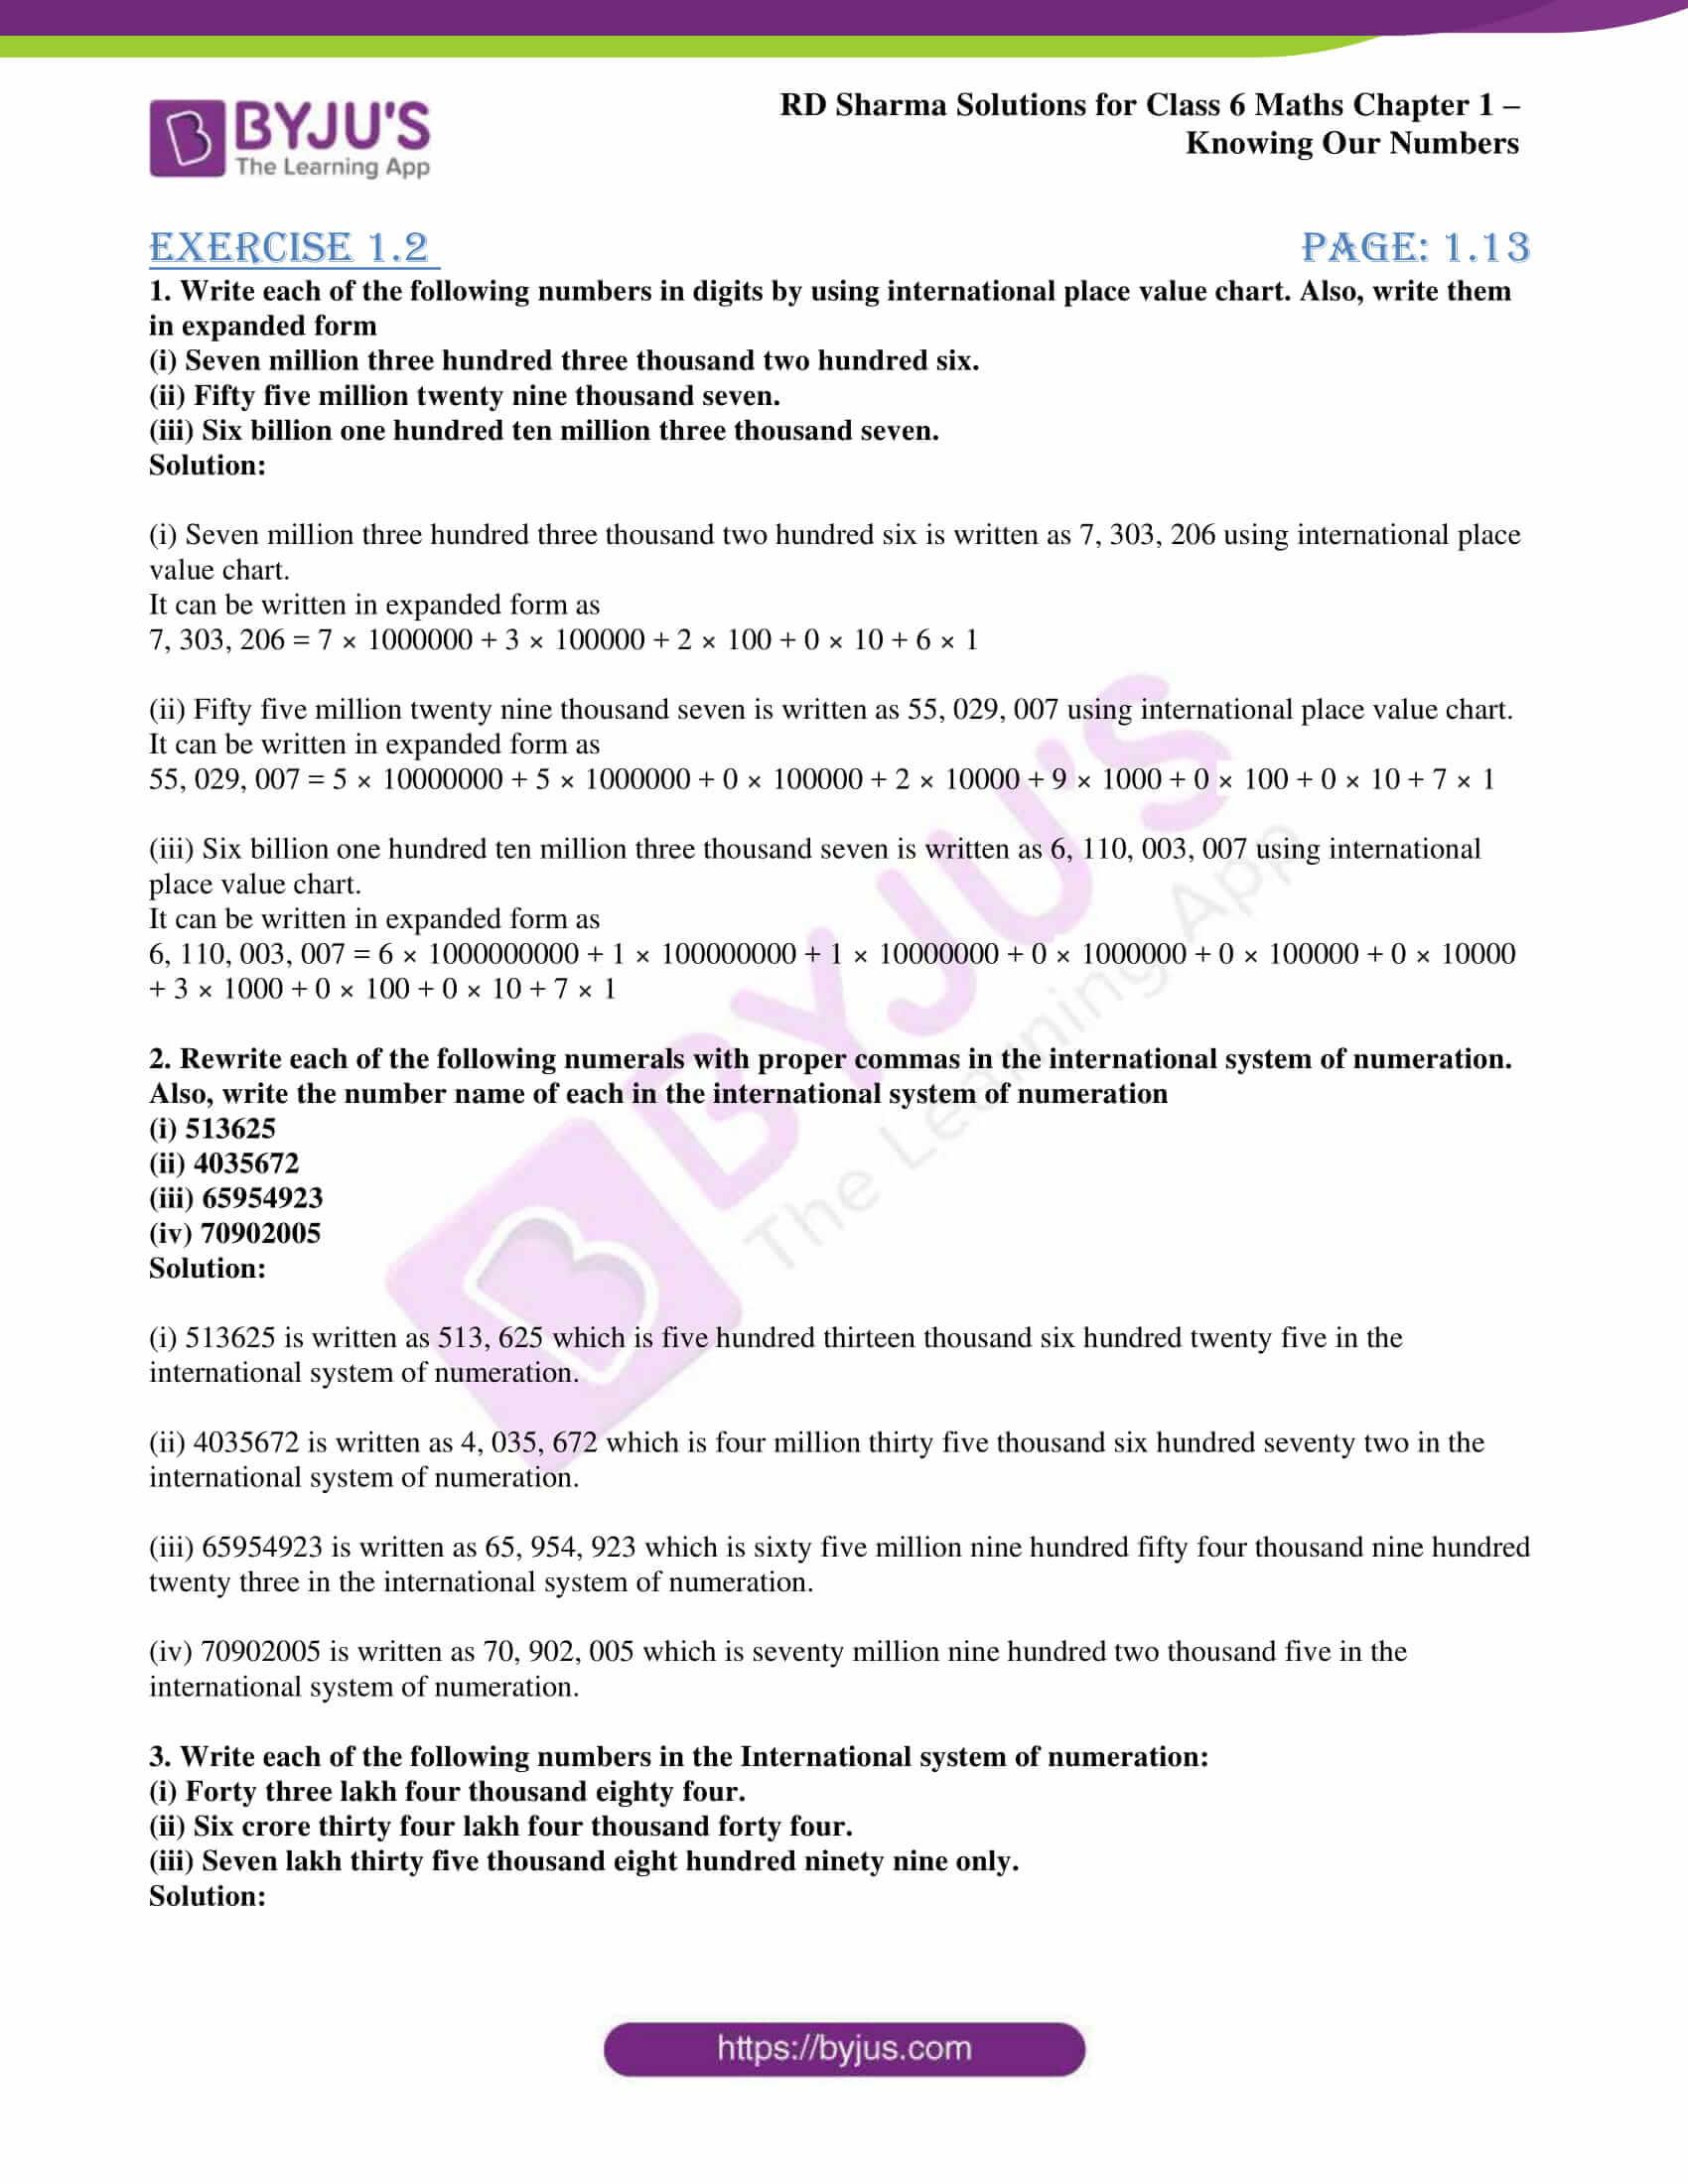 rd sharma solution class 6 maths chapter 1.2